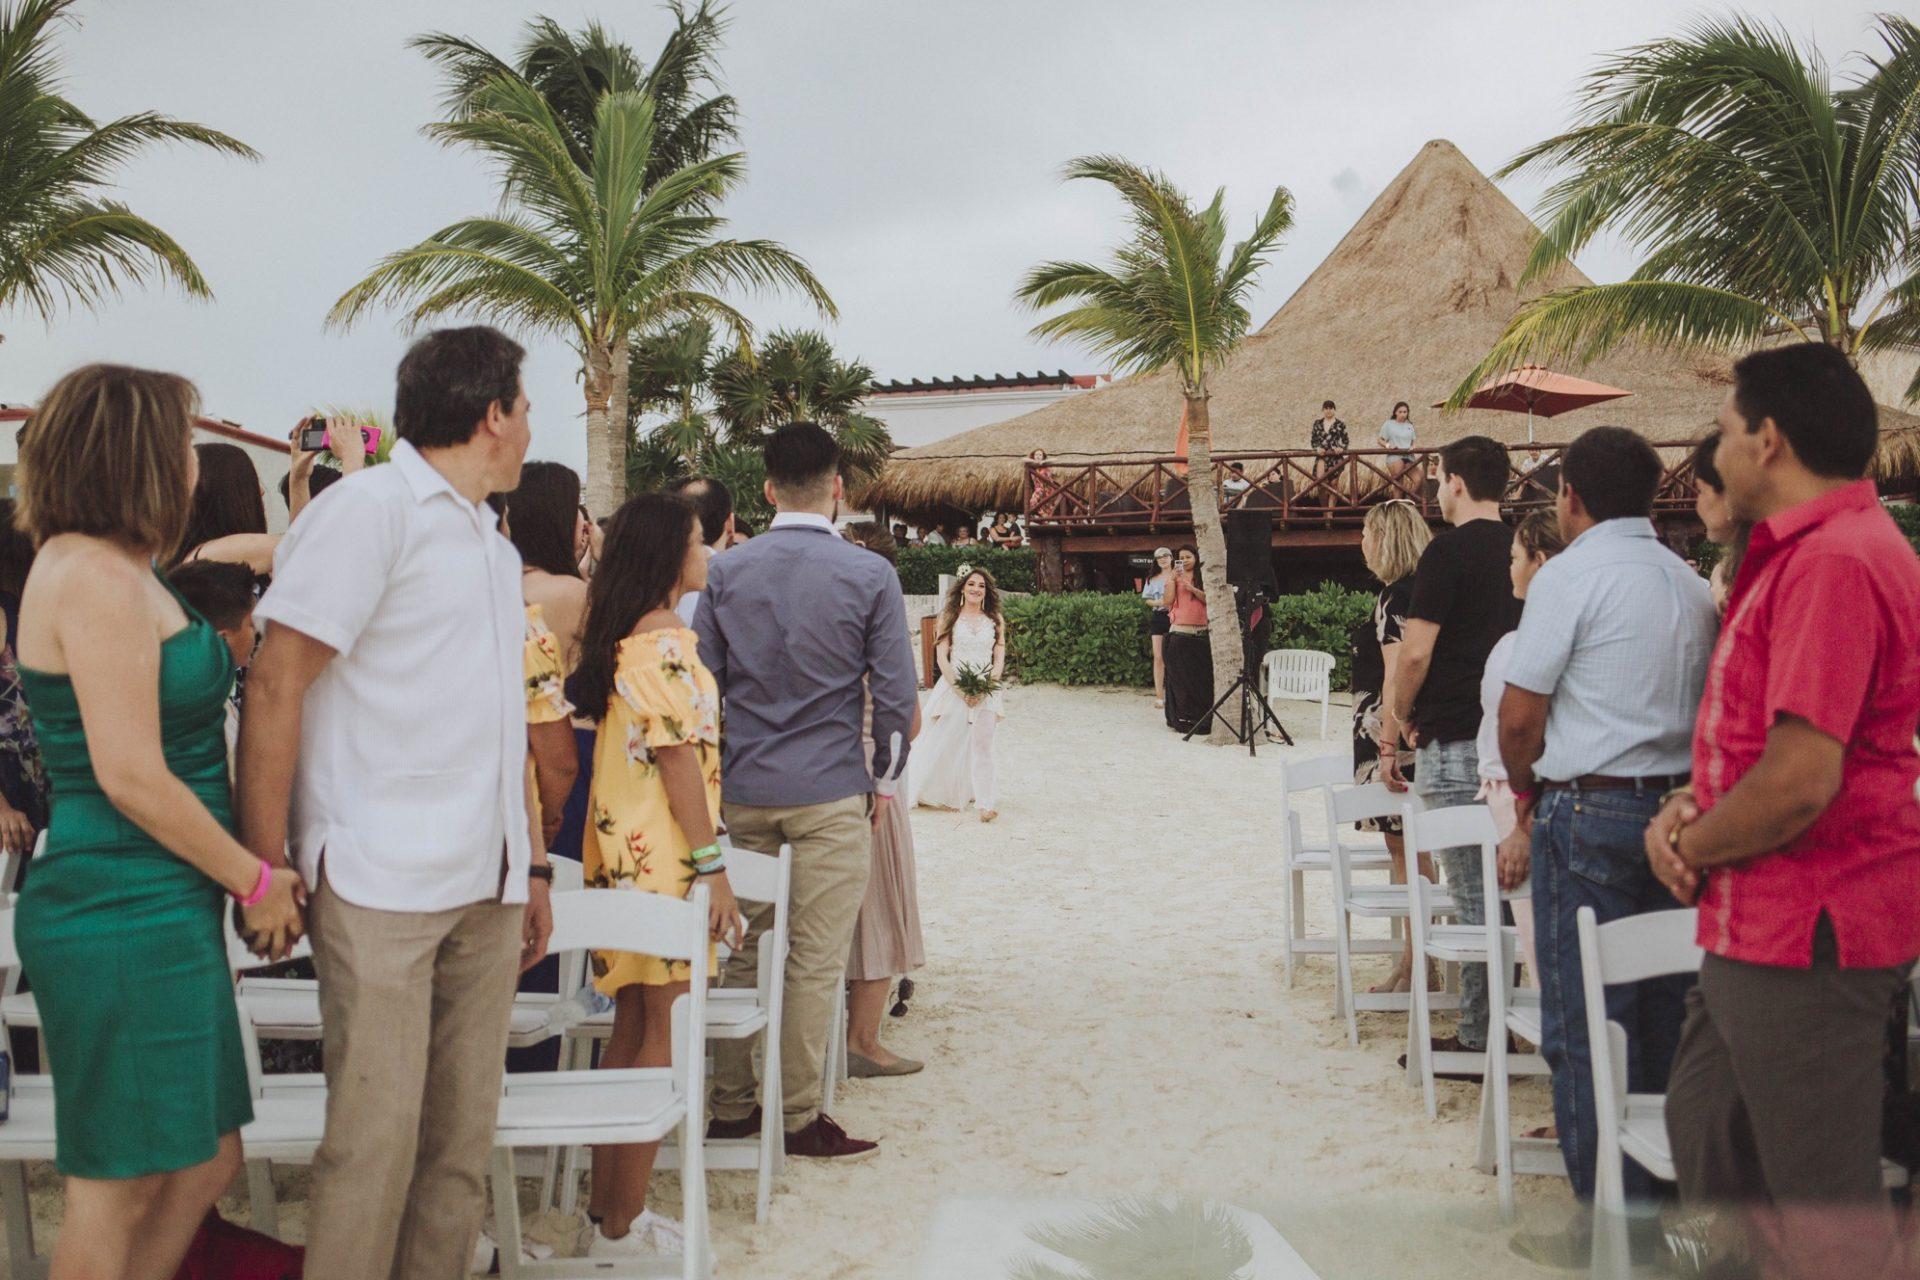 fotografo_bodas_profesional_zacatecas_riviera_maya_cancun-41